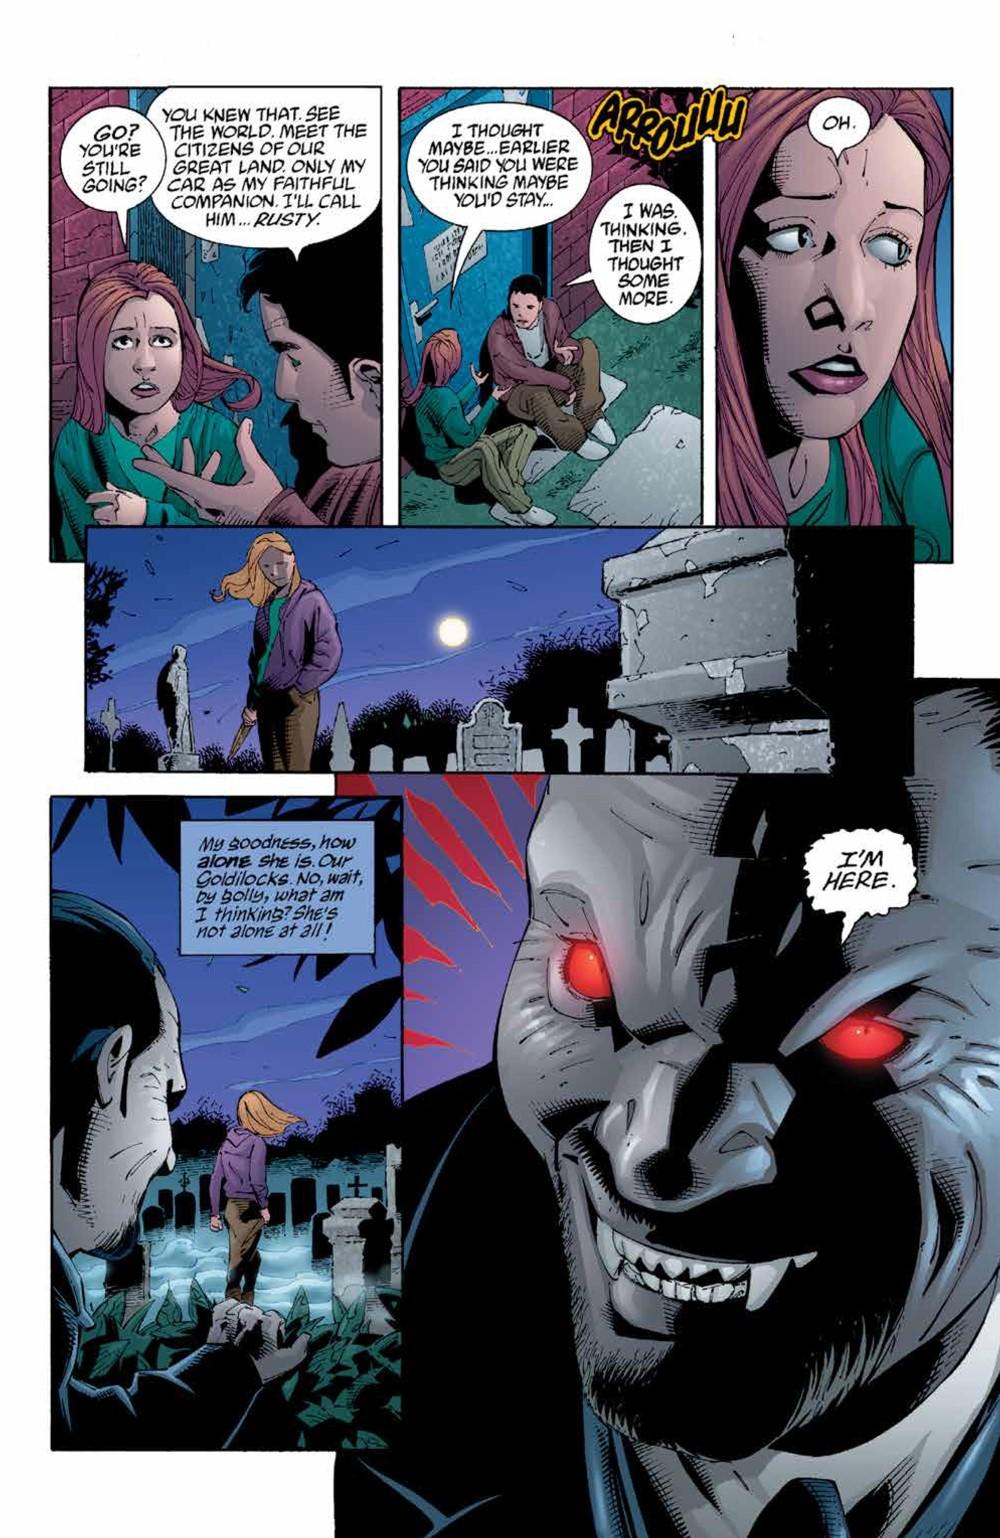 Buffy_Legacy_v5_SC_PRESS_17 ComicList Previews: BUFFY VAMPIRE SLAYER LEGACY EDITION VOLUME 5 TP